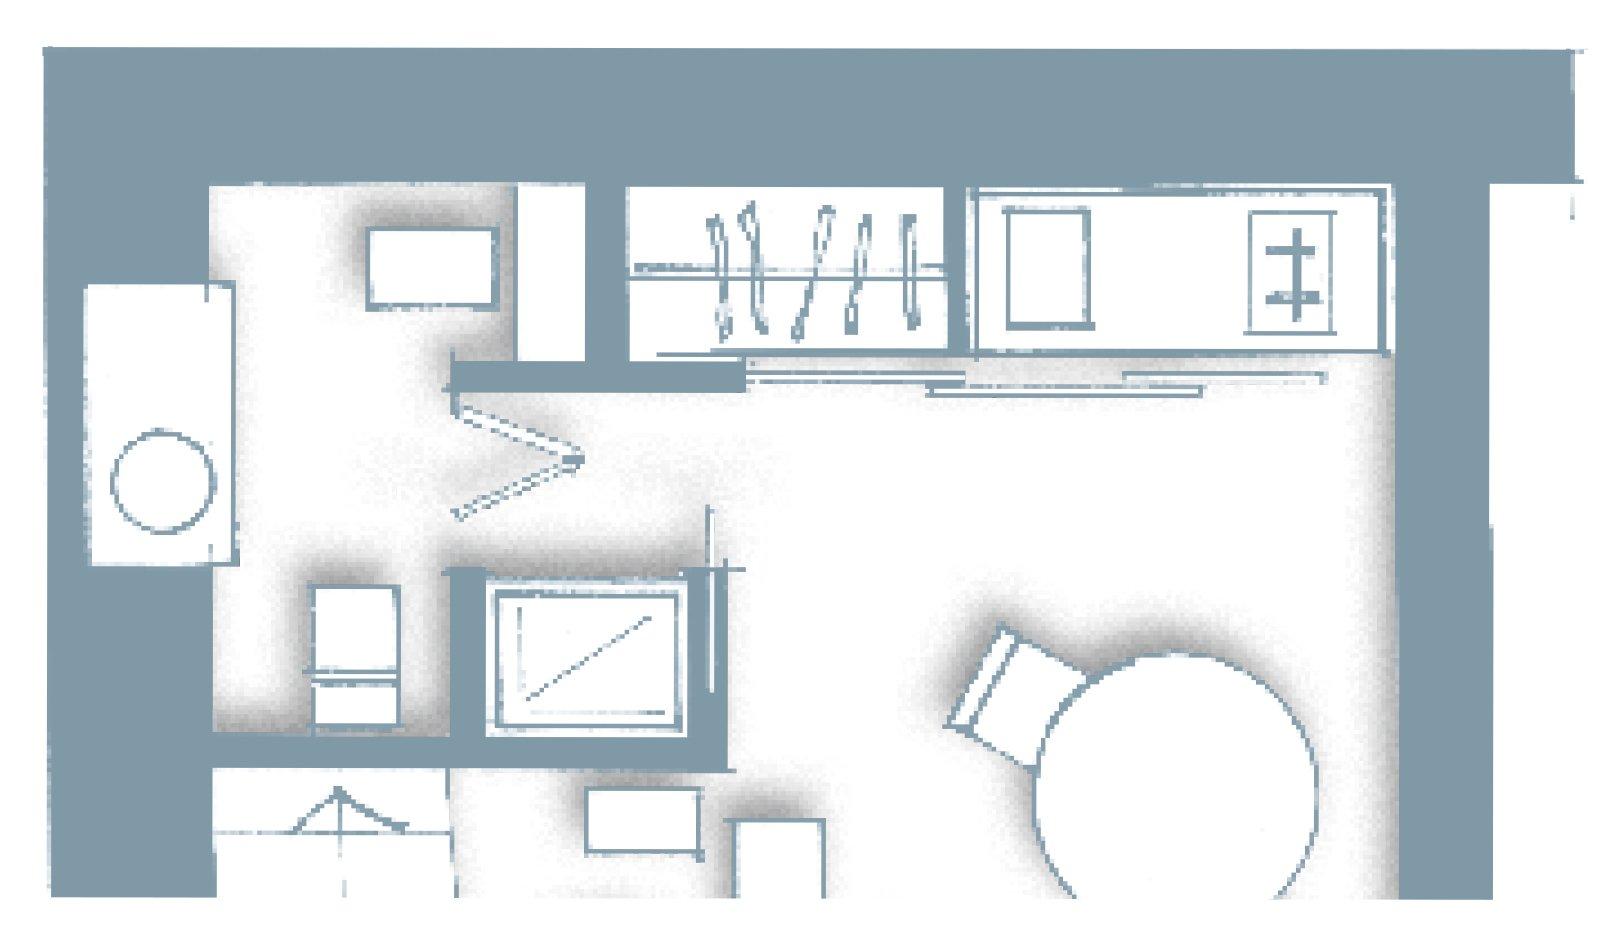 Monolocale una casa di 30 mq risolta al centimetro cose for Planimetrie con stanze segrete